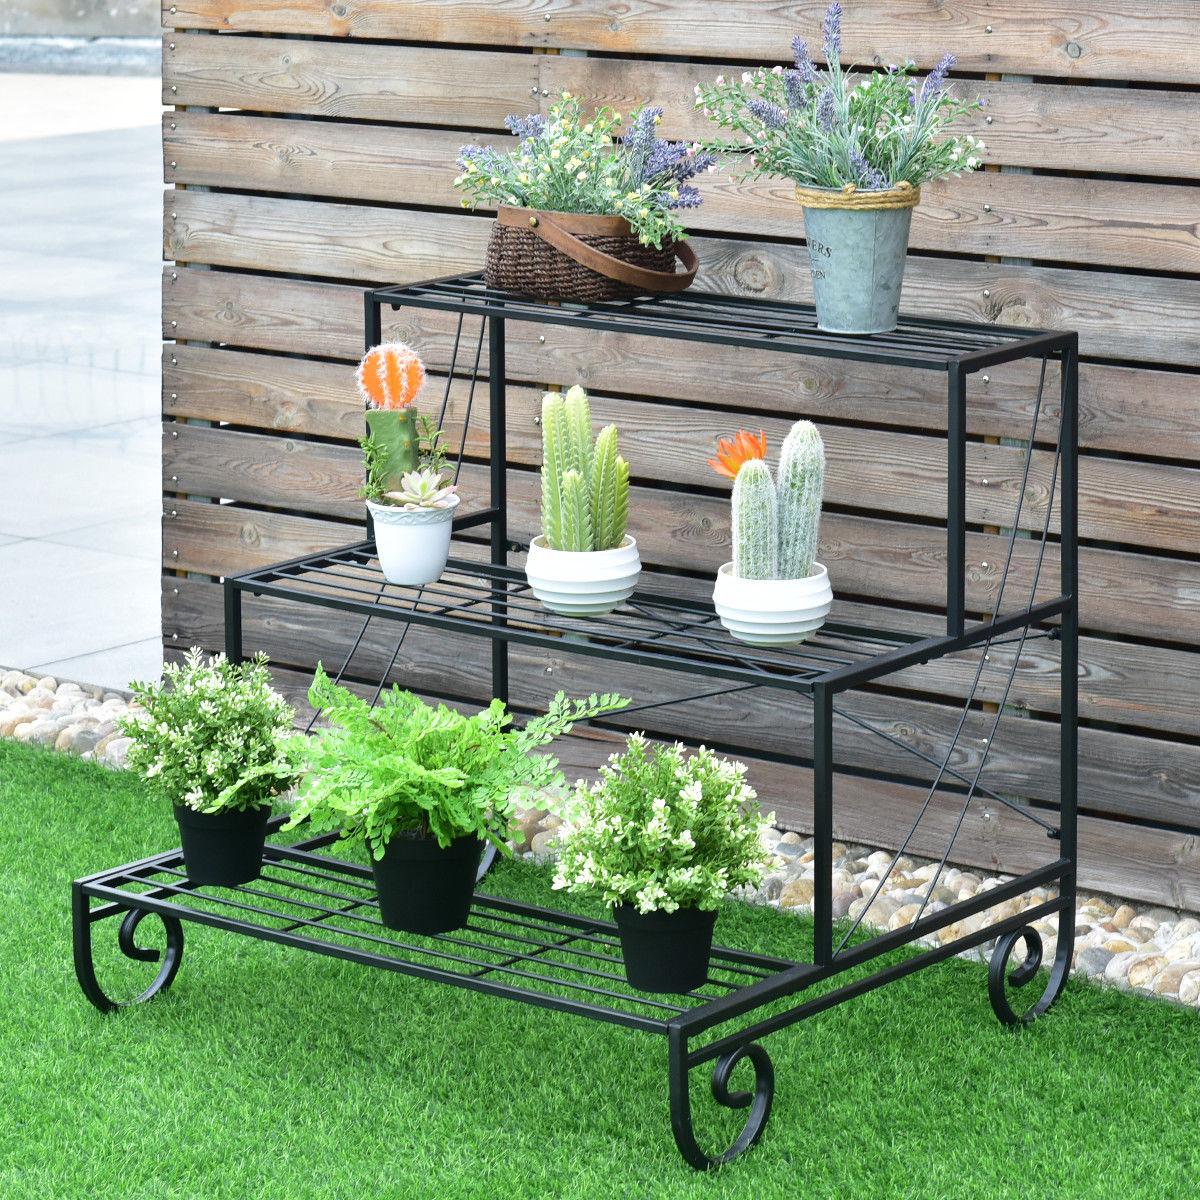 Image of 3 Tier Outdoor Metal Garden Planter Holder Shelf